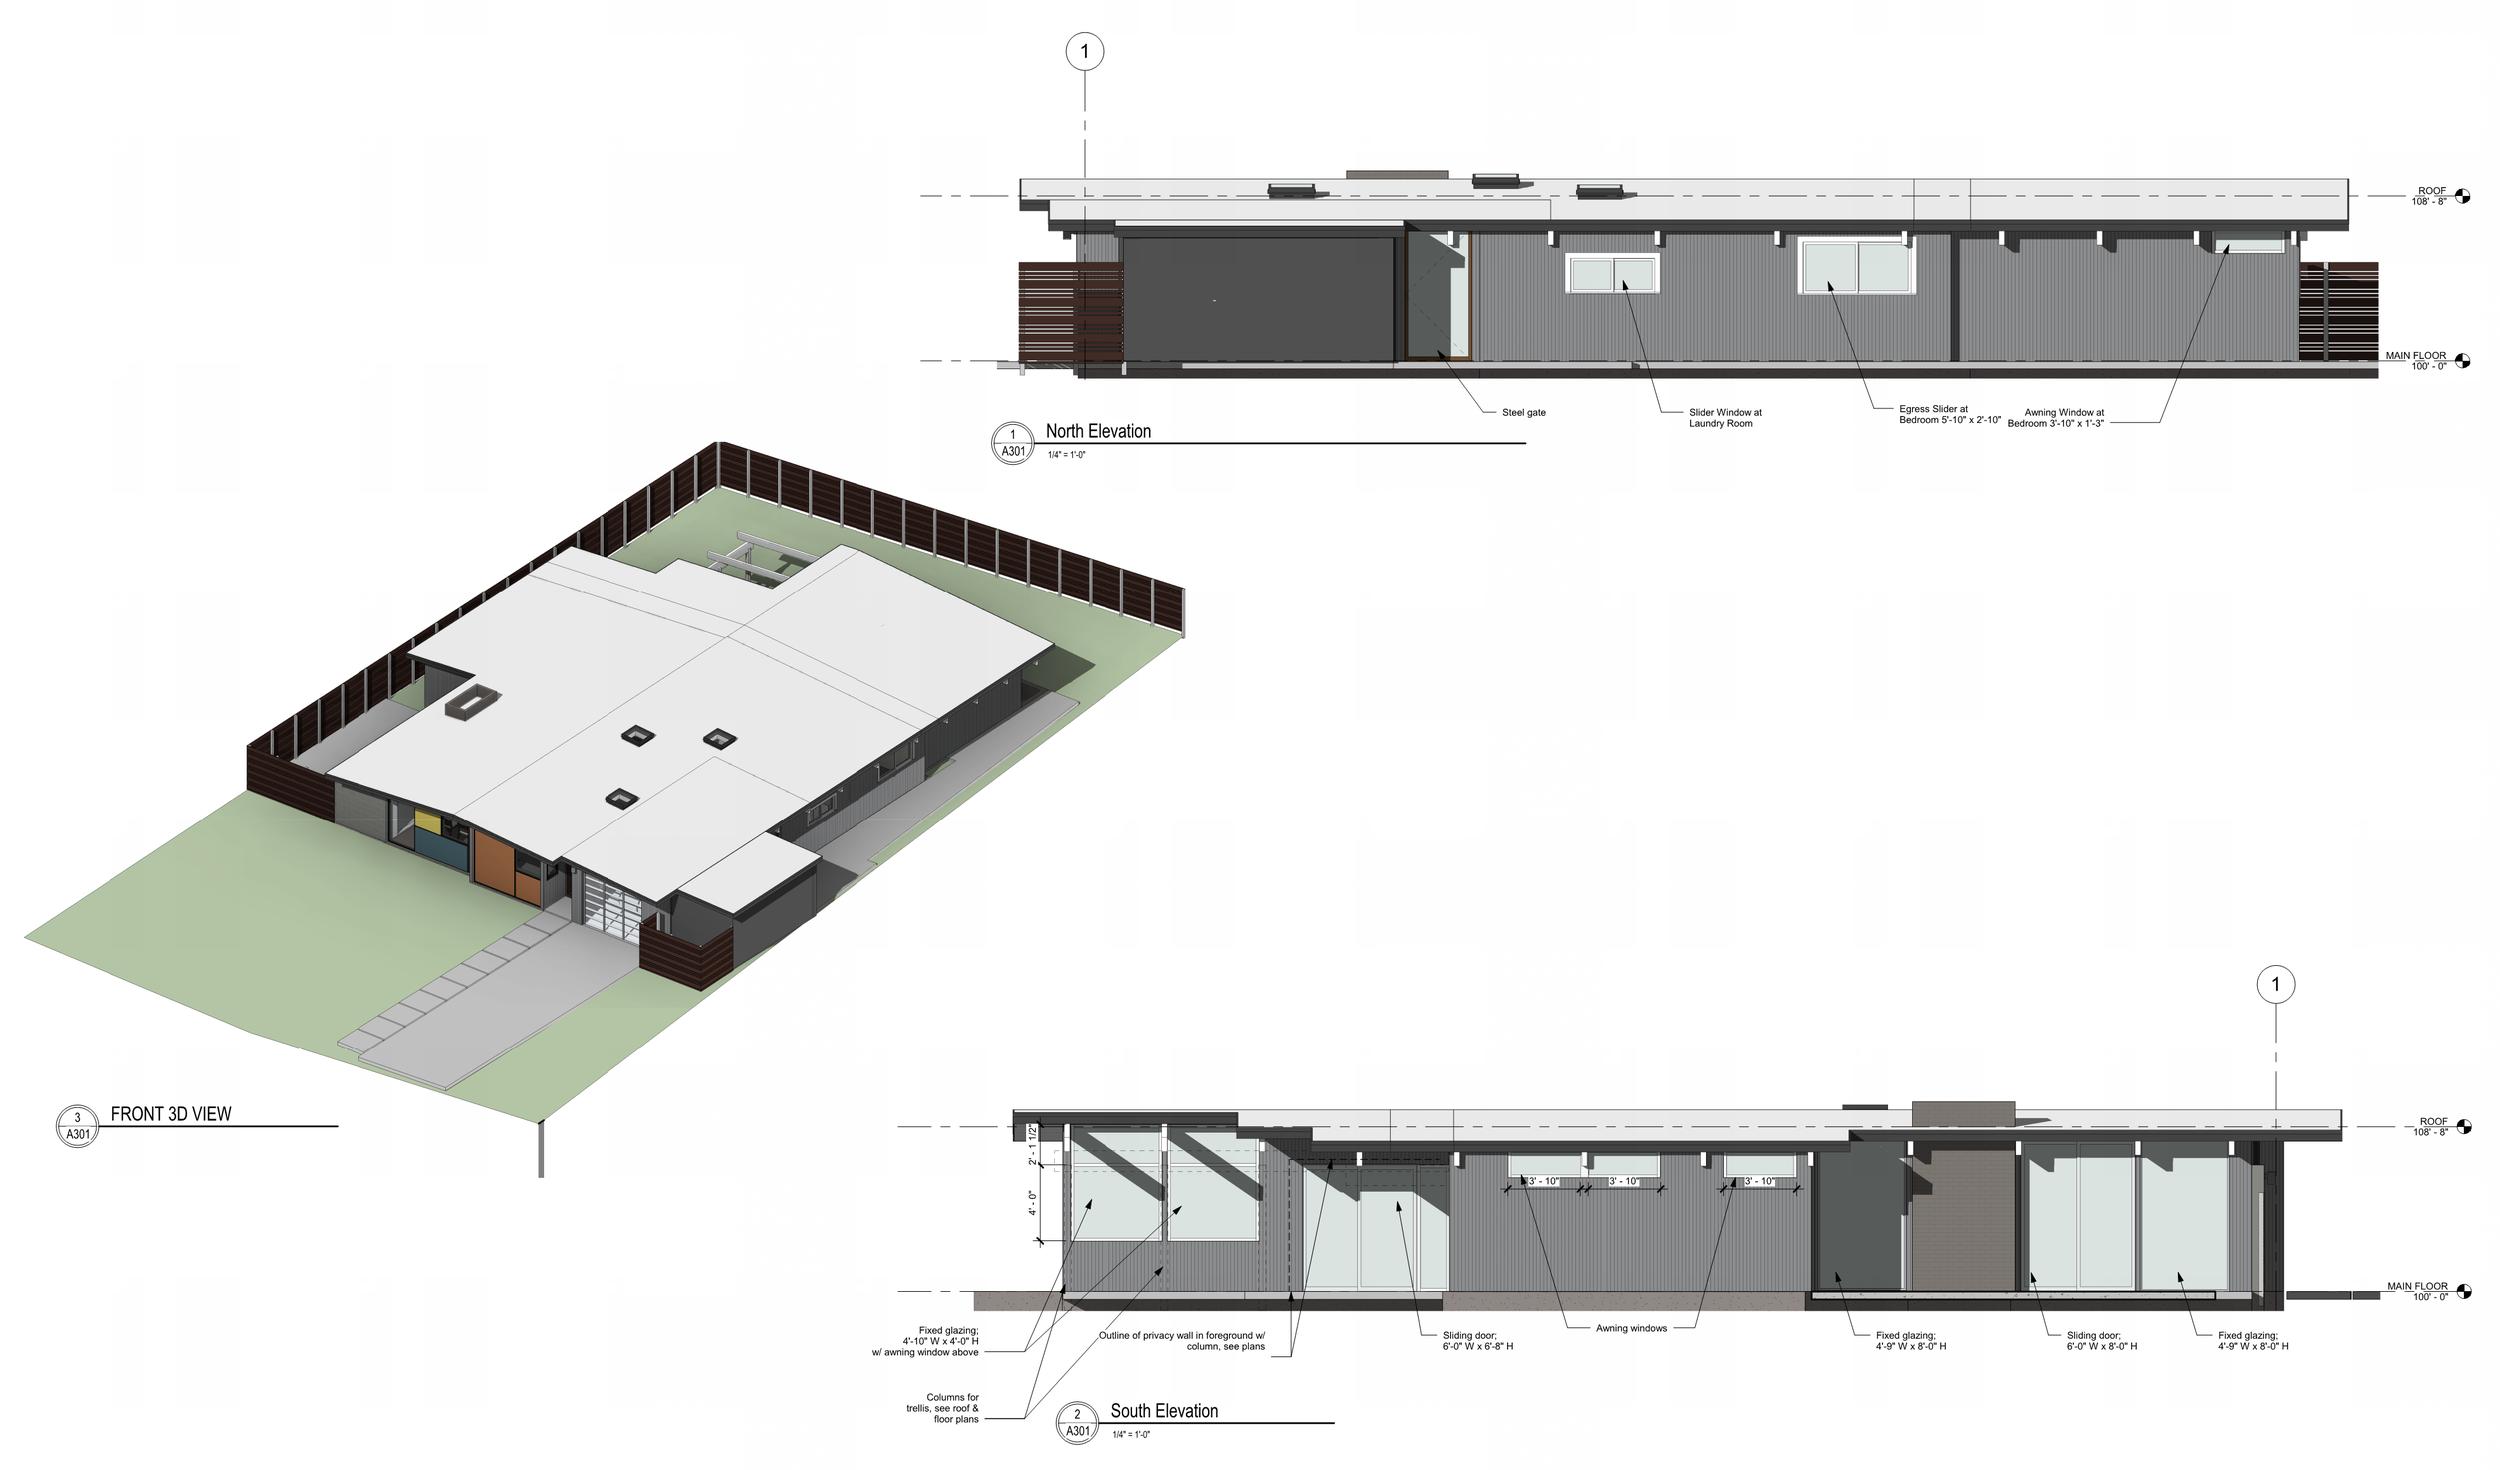 SFairfax-Draft Design Development Deisgn Elevations2.png